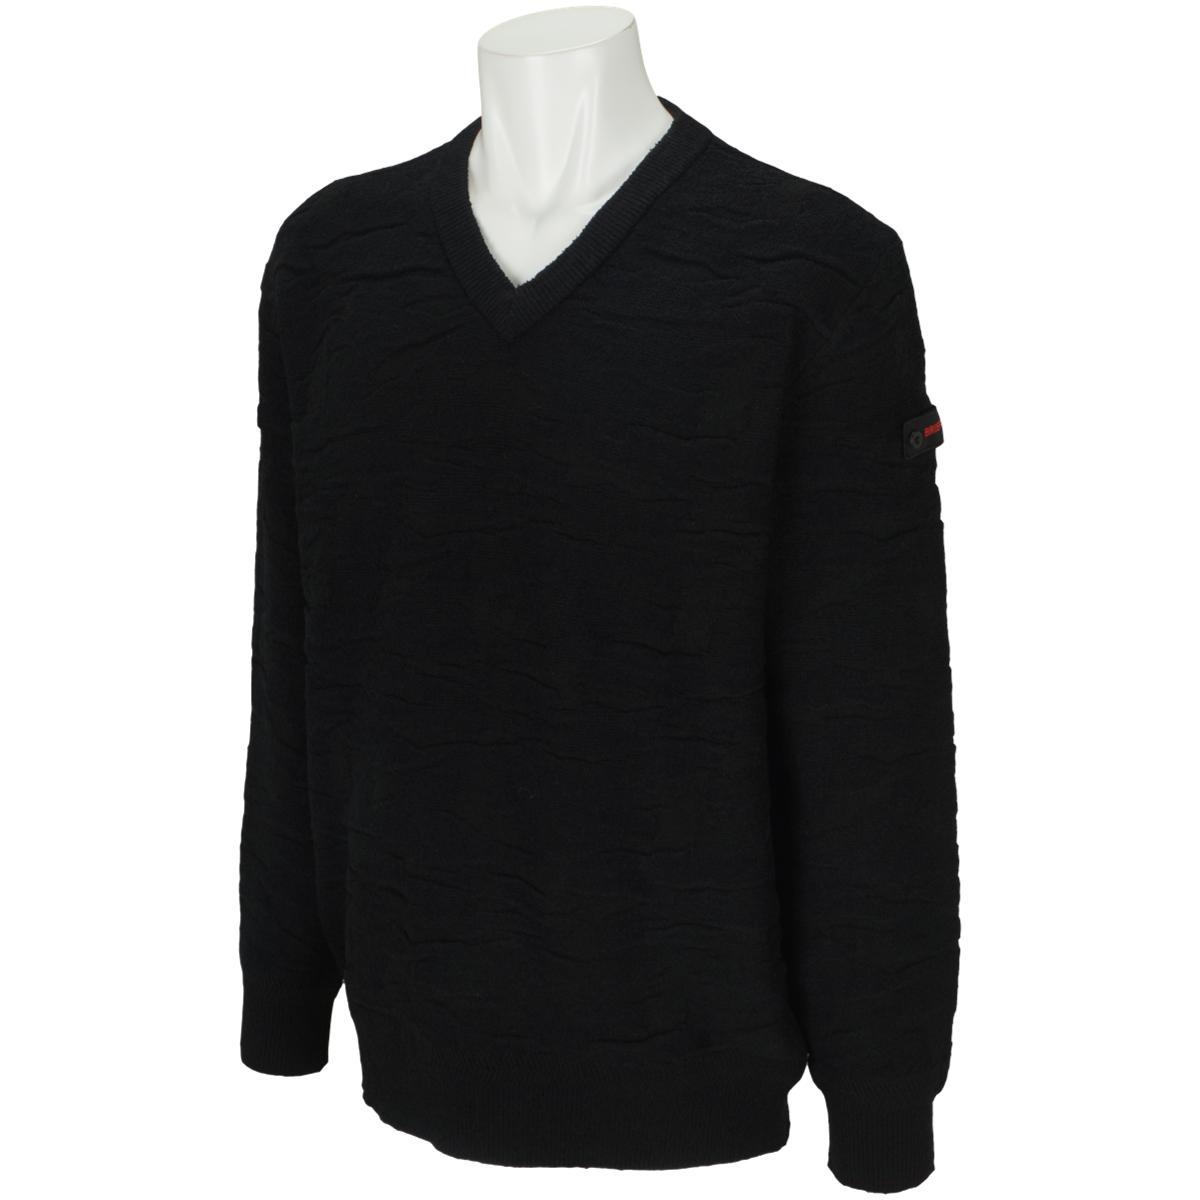 カモ LINKS Vネックセーター